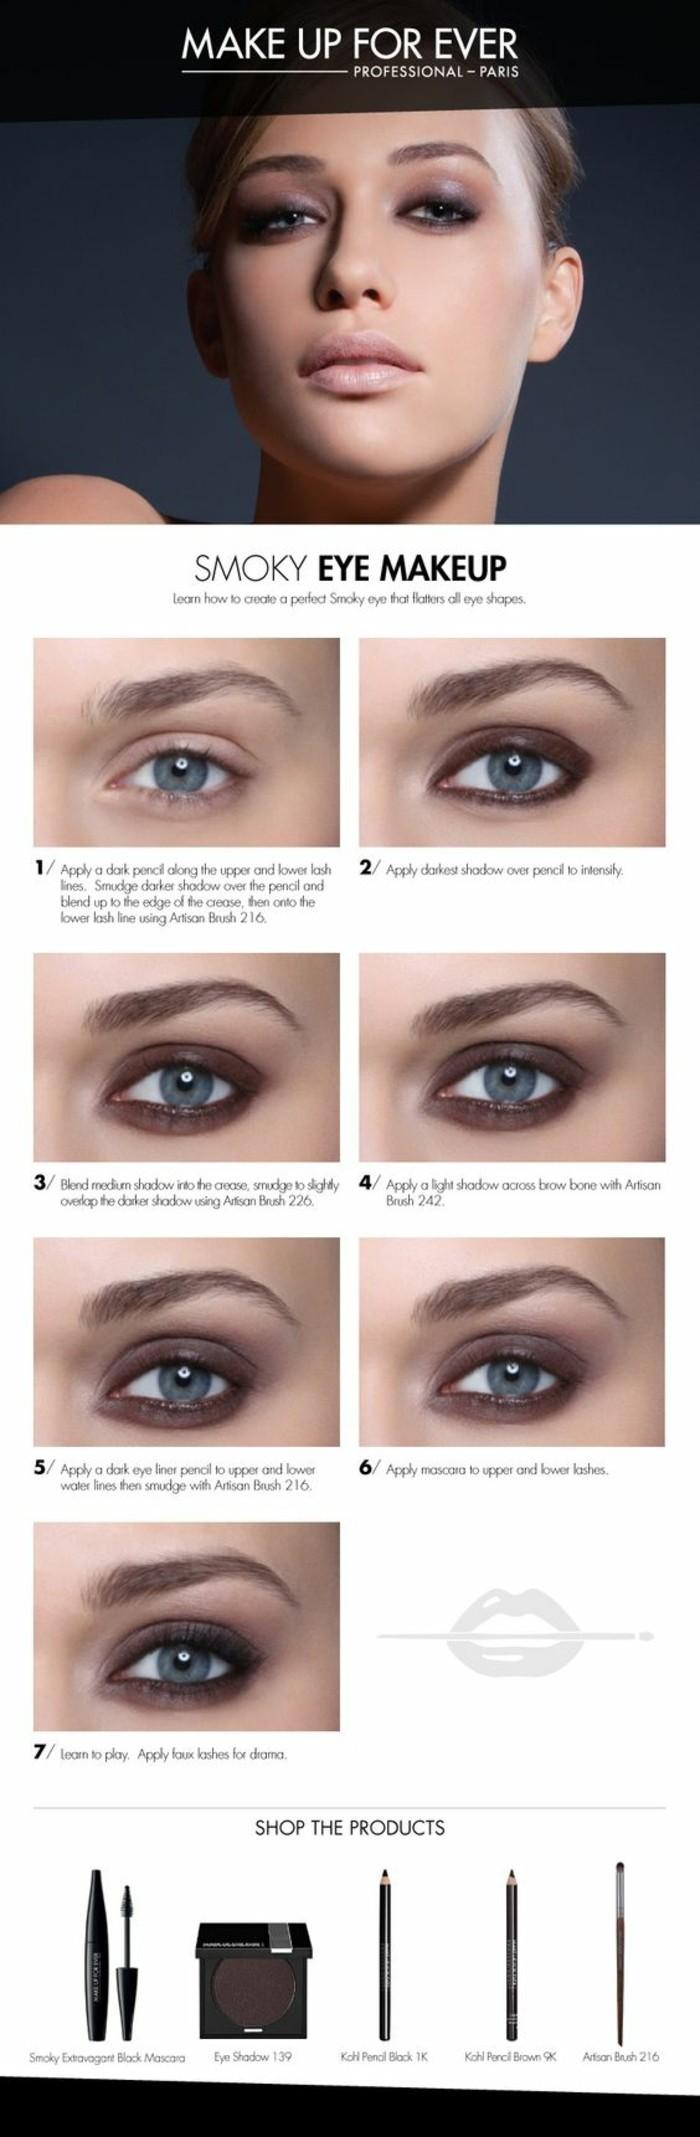 00-comment-maquiller-les-yeux-bleus-sephora-produits-comment-se-maquiller-avec-sephora